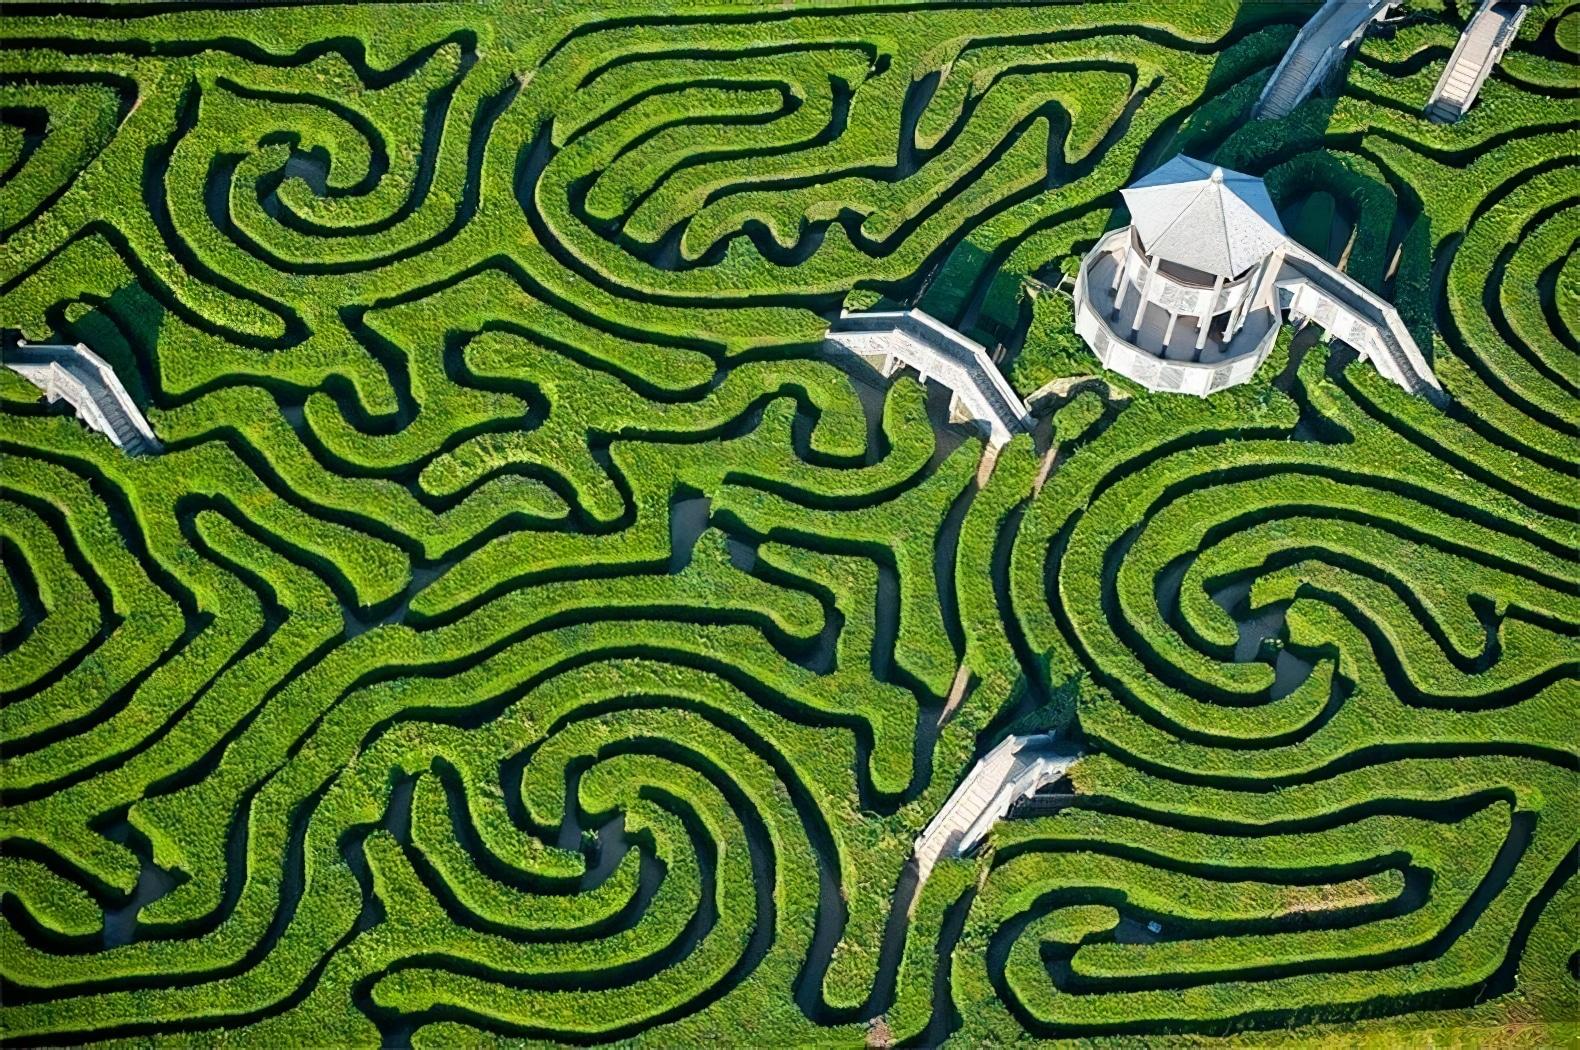 Le labyrinthe végétal de Longleat